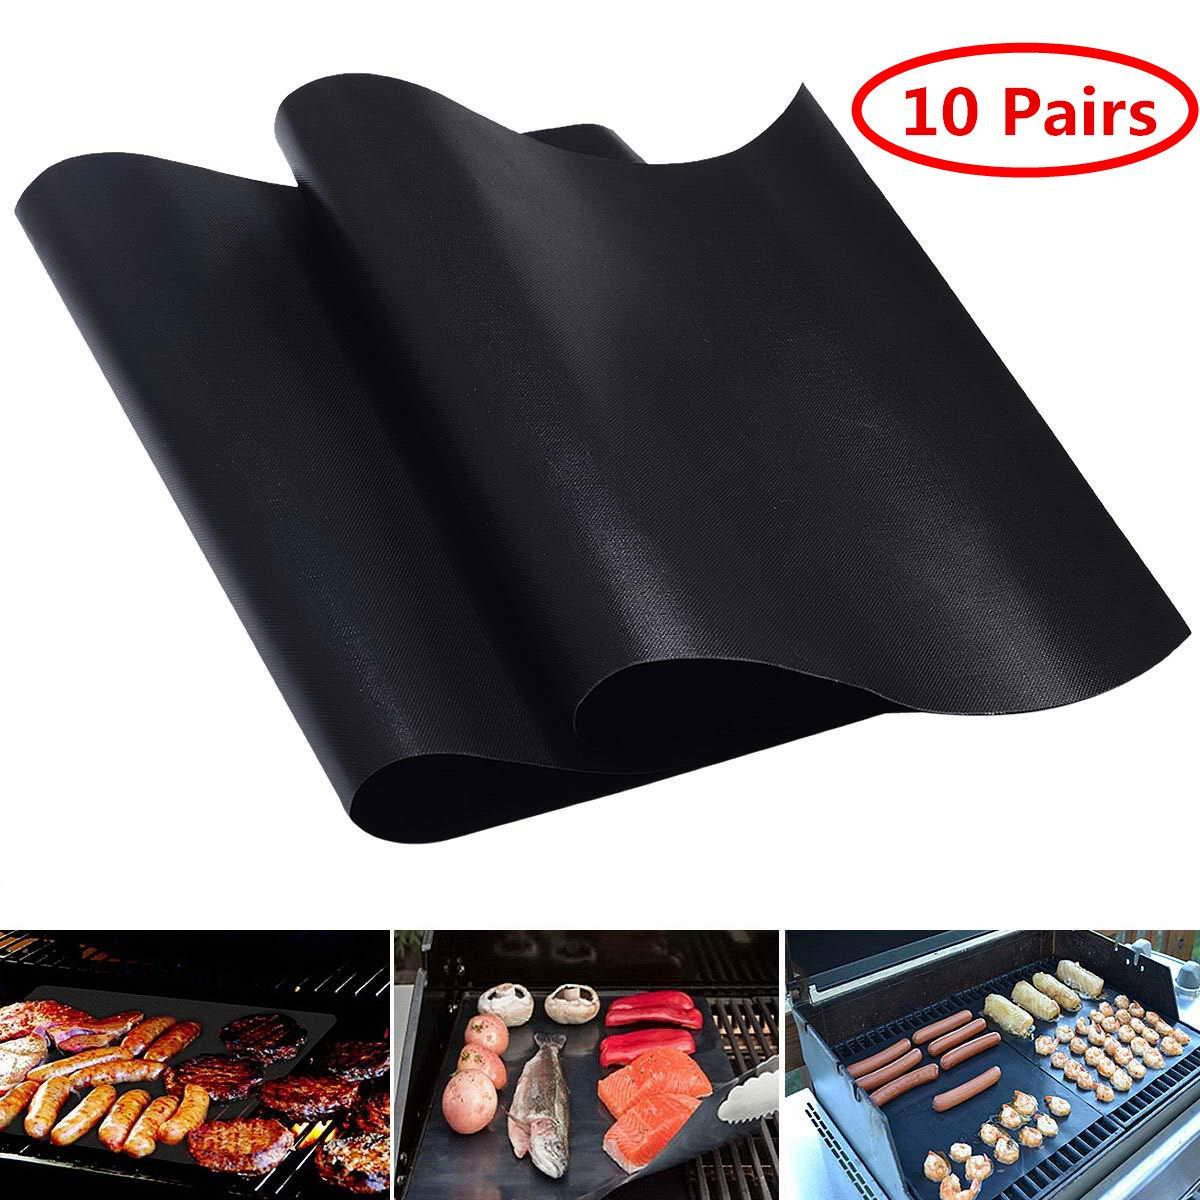 S AFSTAR Safstar BBQ Grill Mats Stick Grilling Mat Baking Sheet Mat Copper Grill Mats Pad Non-Stick Reusable 15.75 x 13 Inch (10 Pairs)